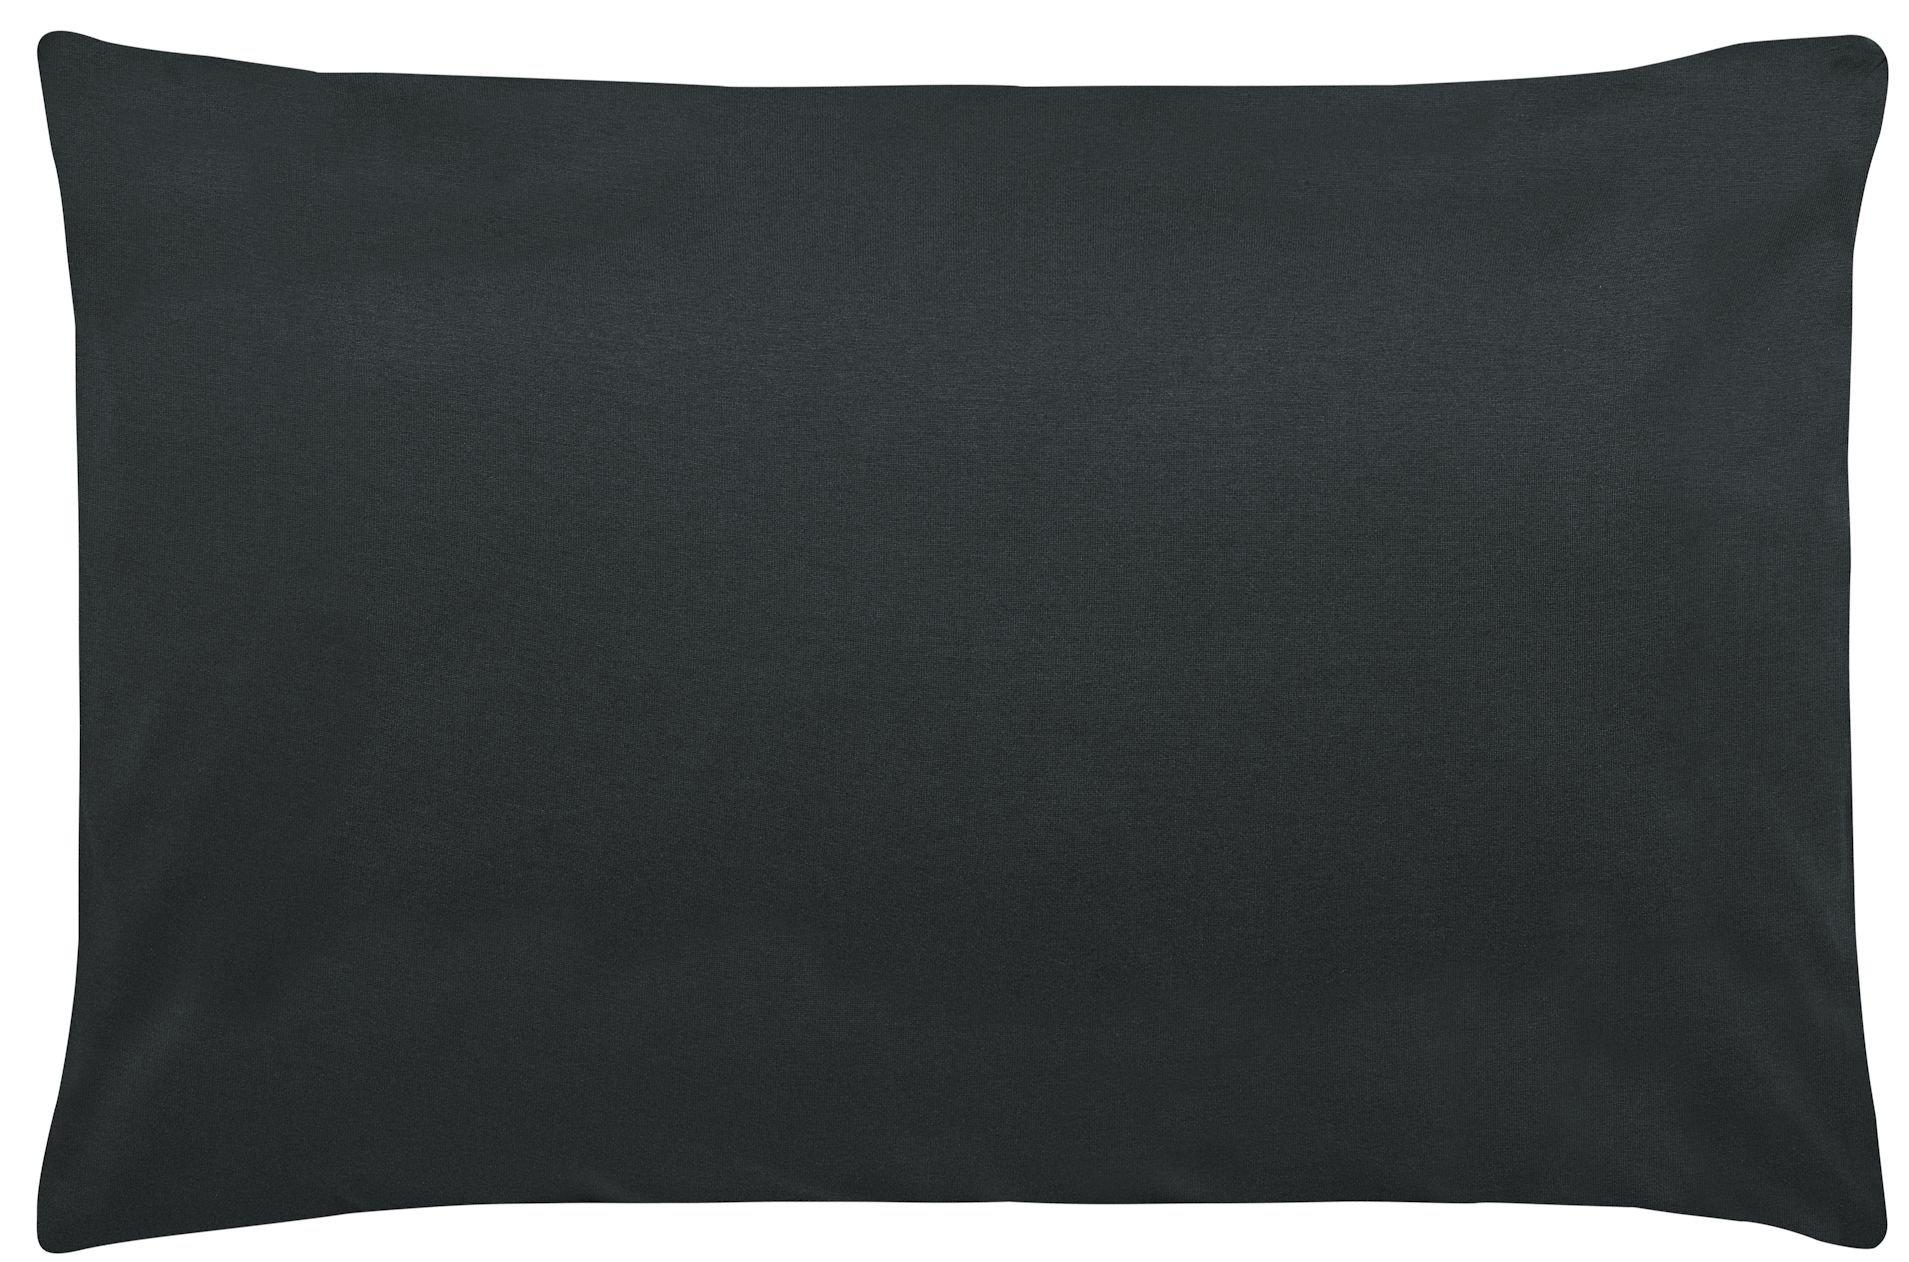 Edel-Zwirn-Jersey onyx B40cm